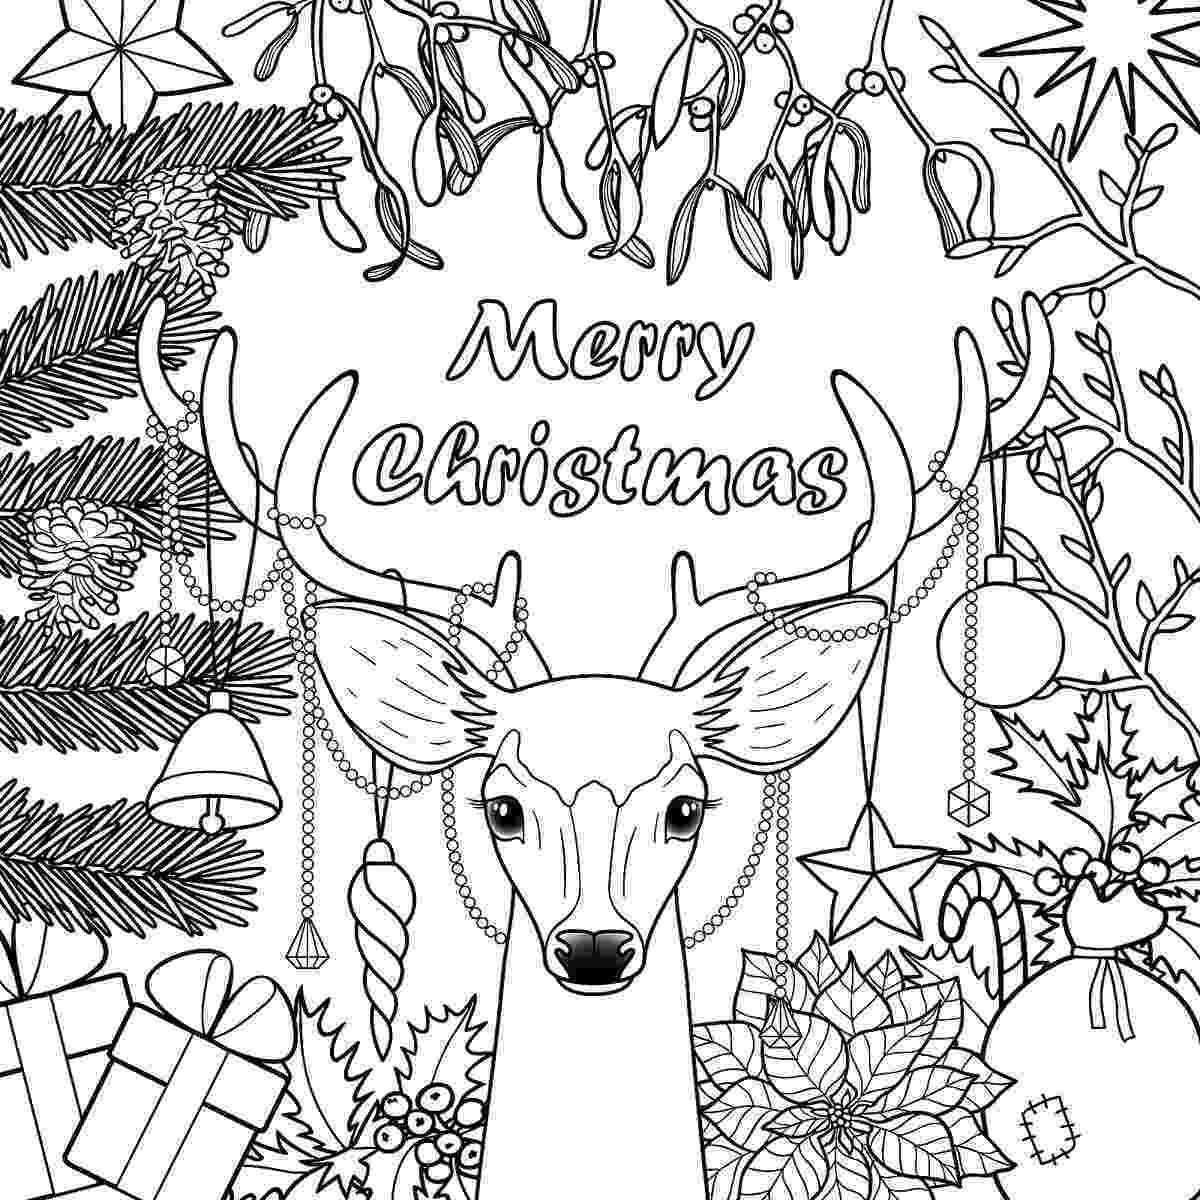 printable holiday coloring pages christmas coloring pages for kids adults 16 free holiday pages coloring printable